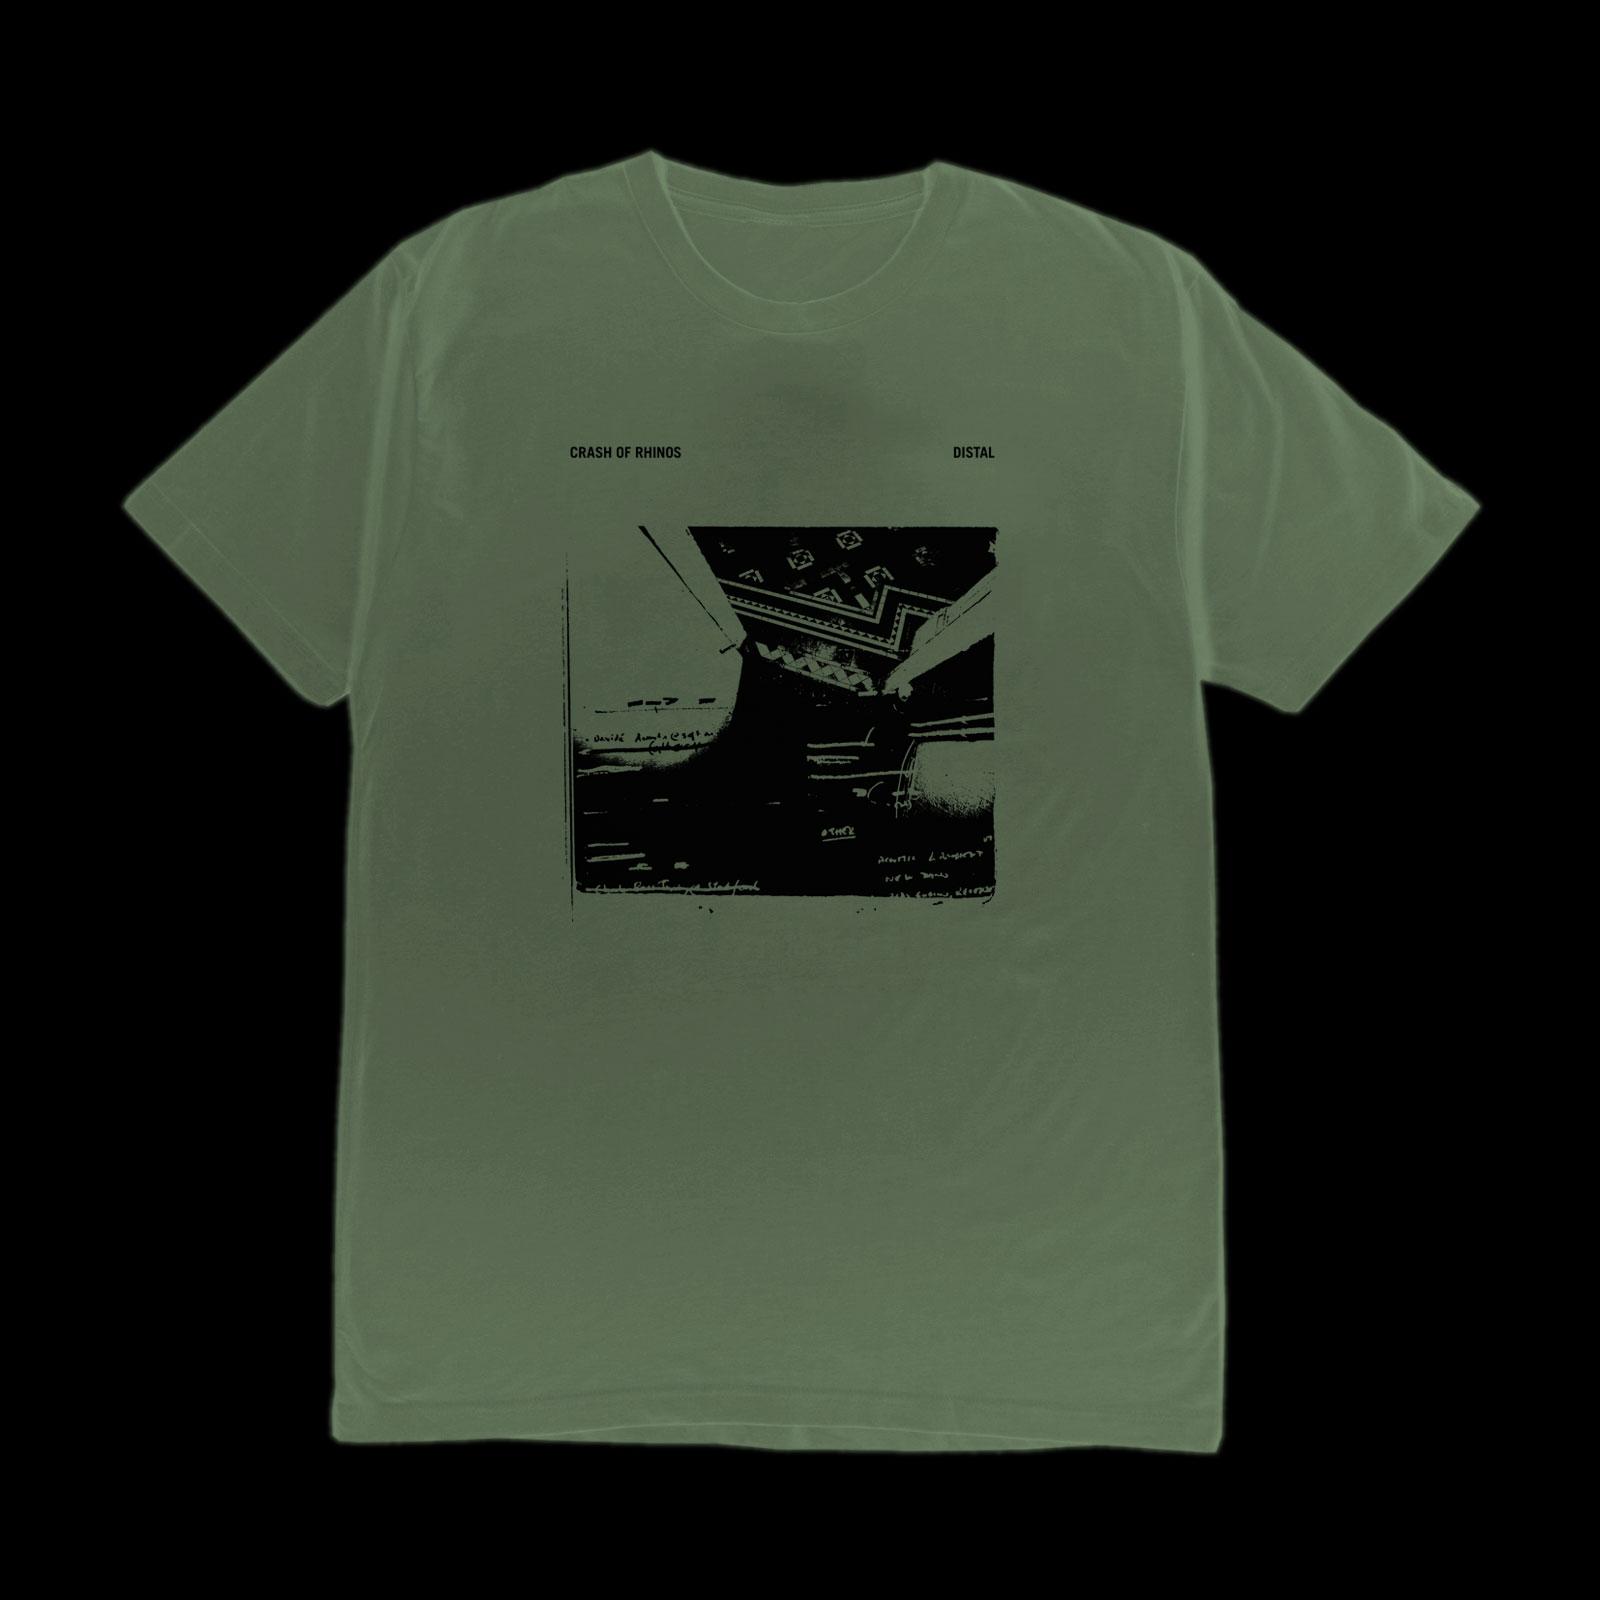 Crash of Rhinos - Distal Tshirt